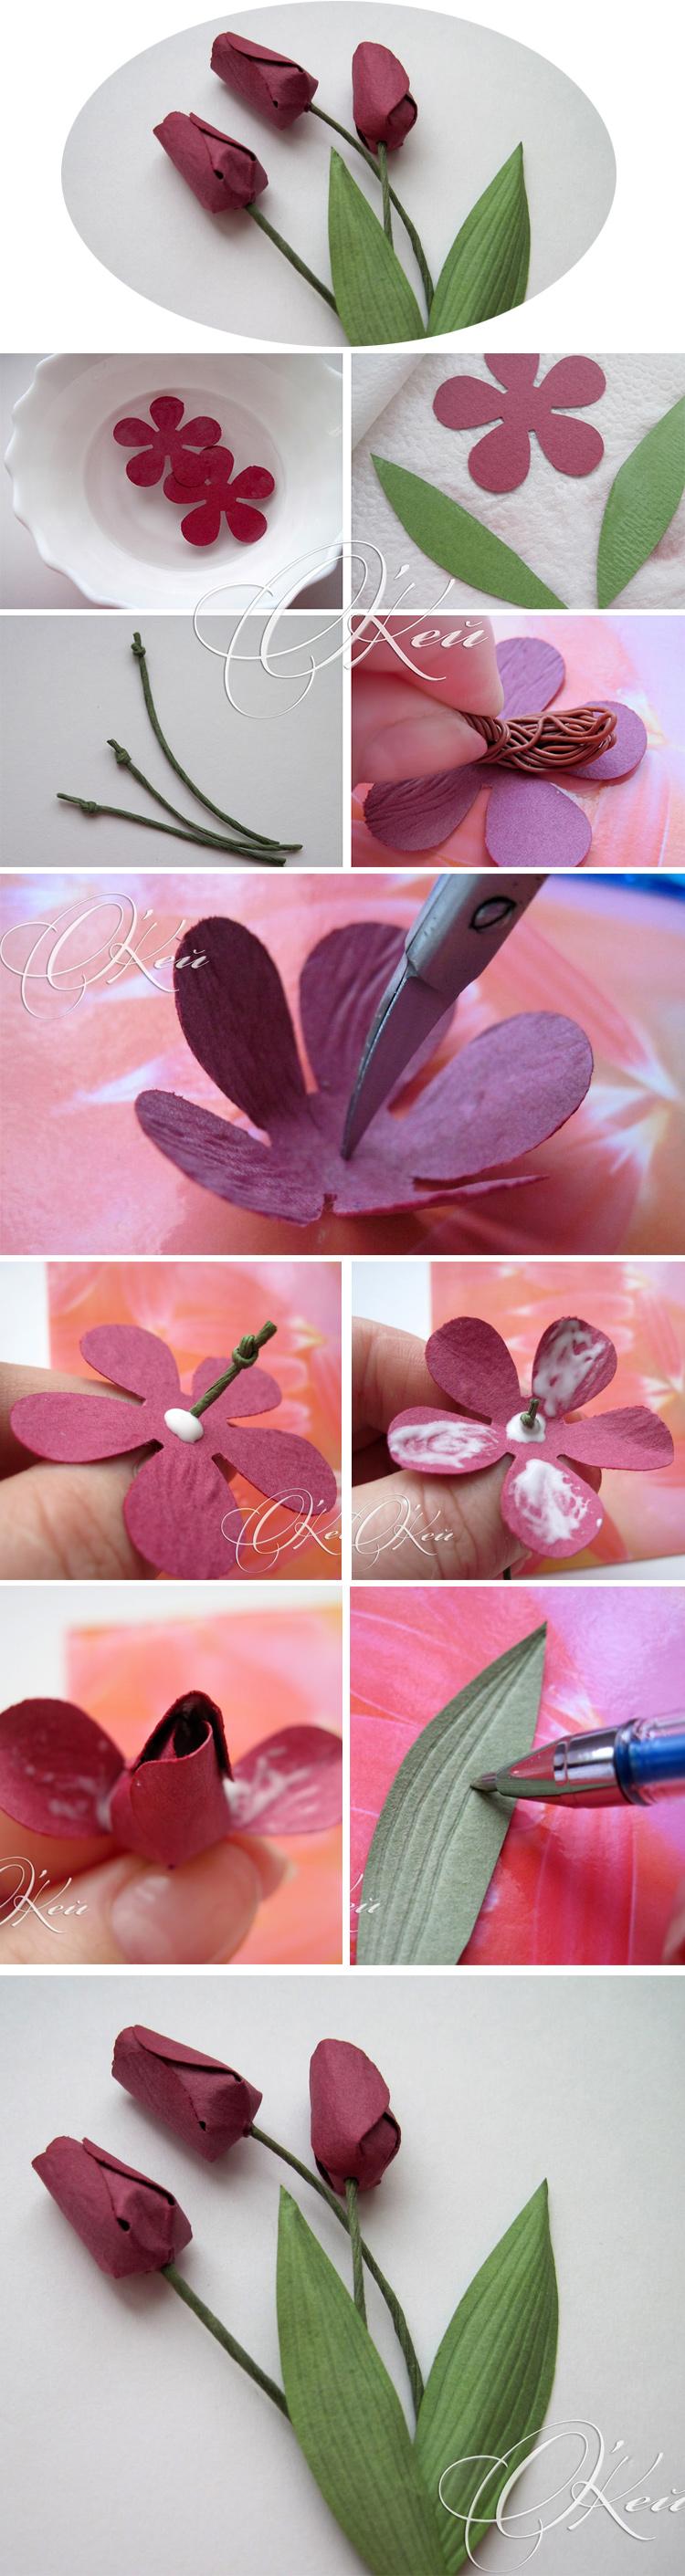 тюльпан пошагово из бумаги